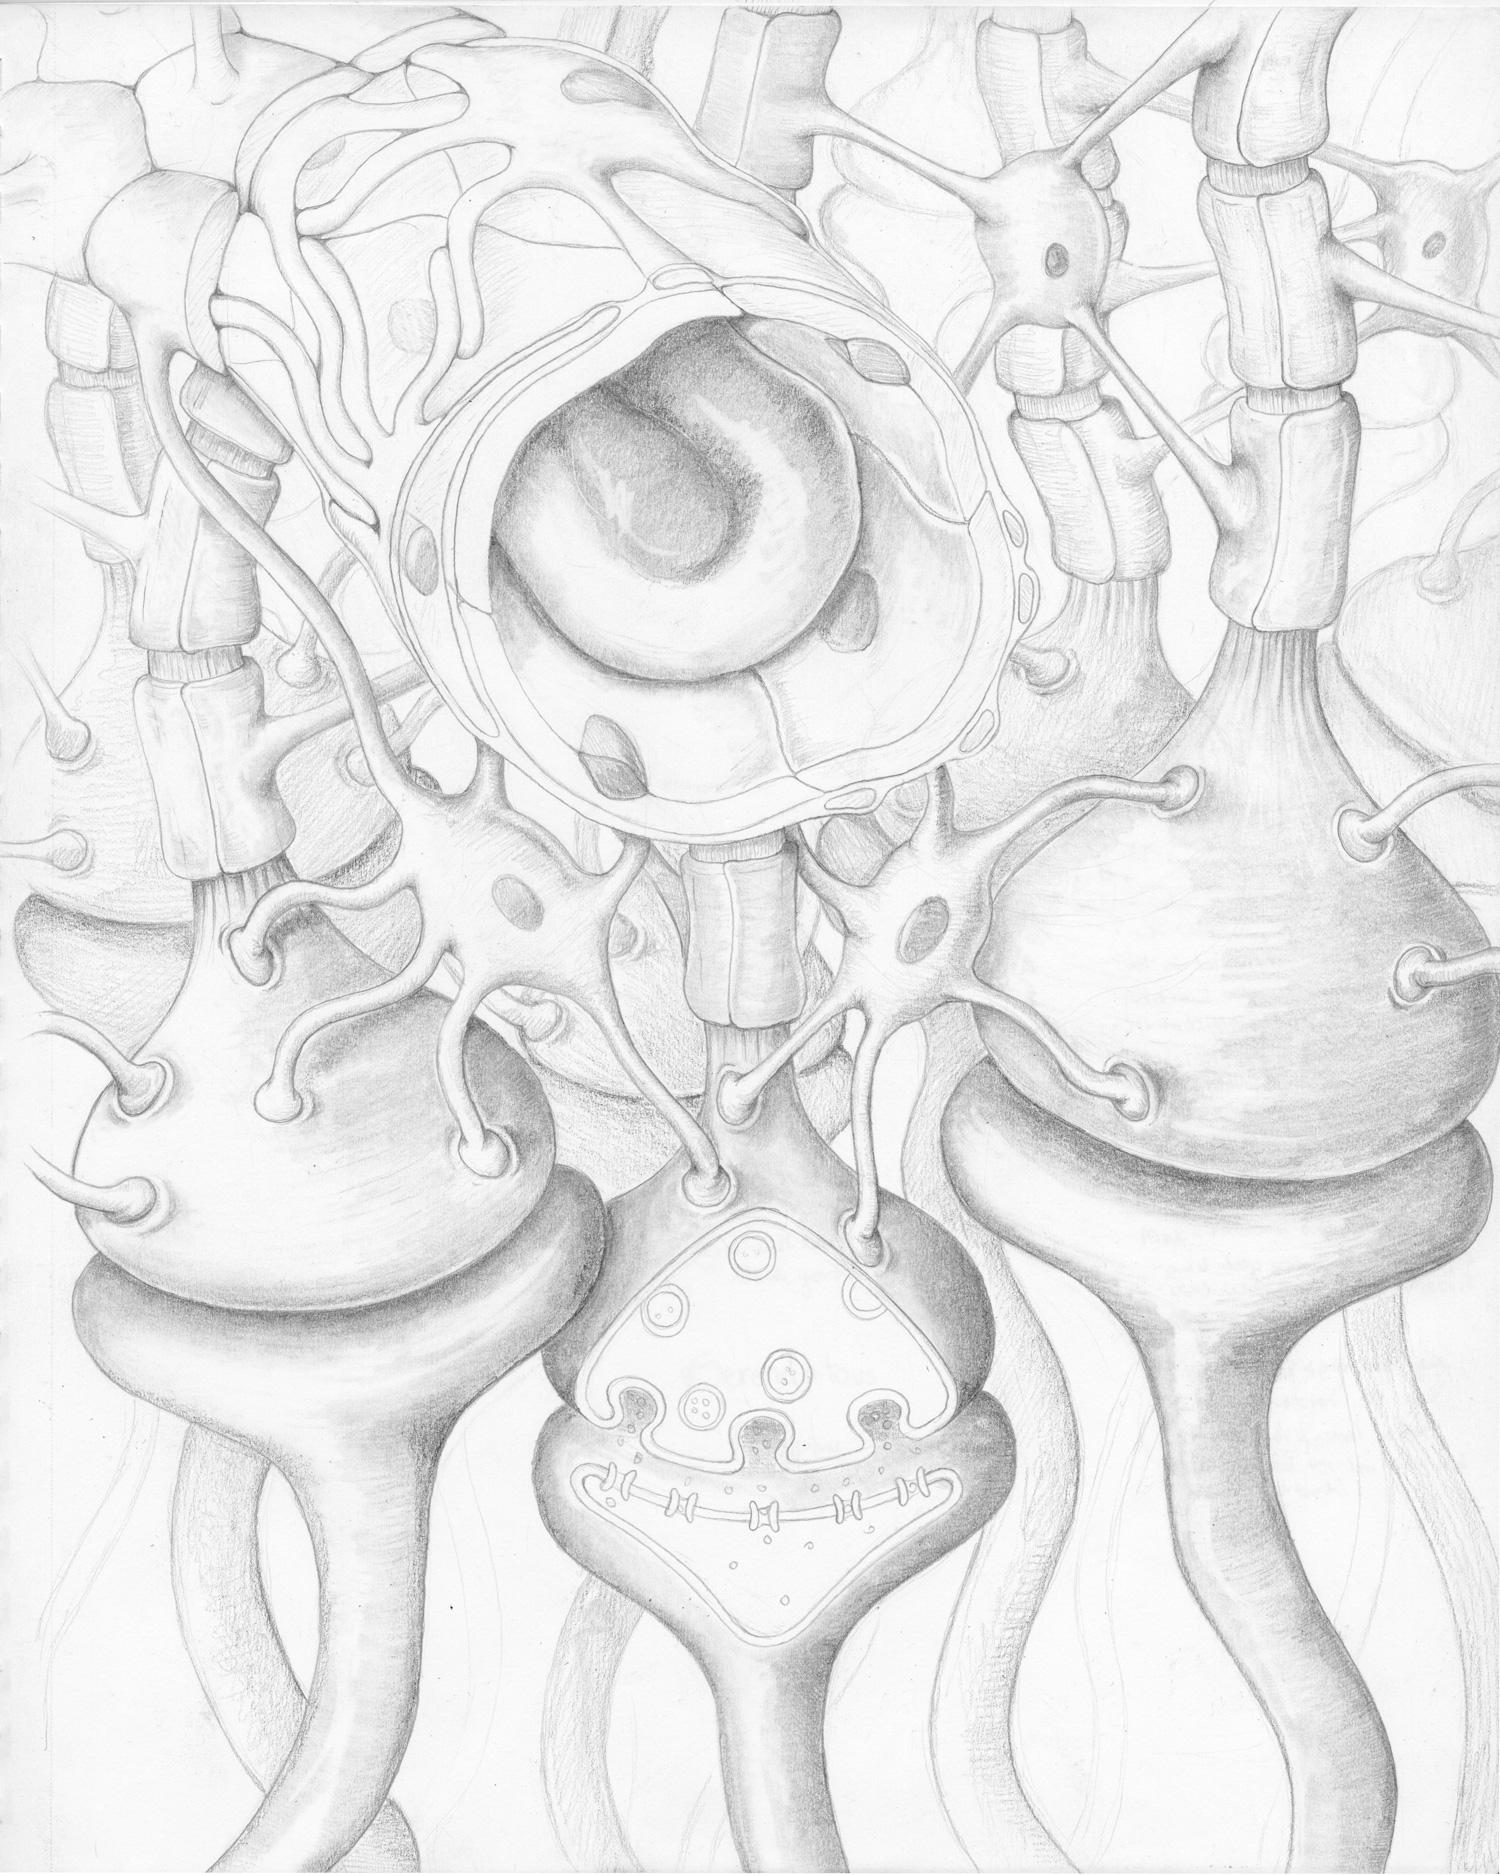 Molecueler-sketch.jpg